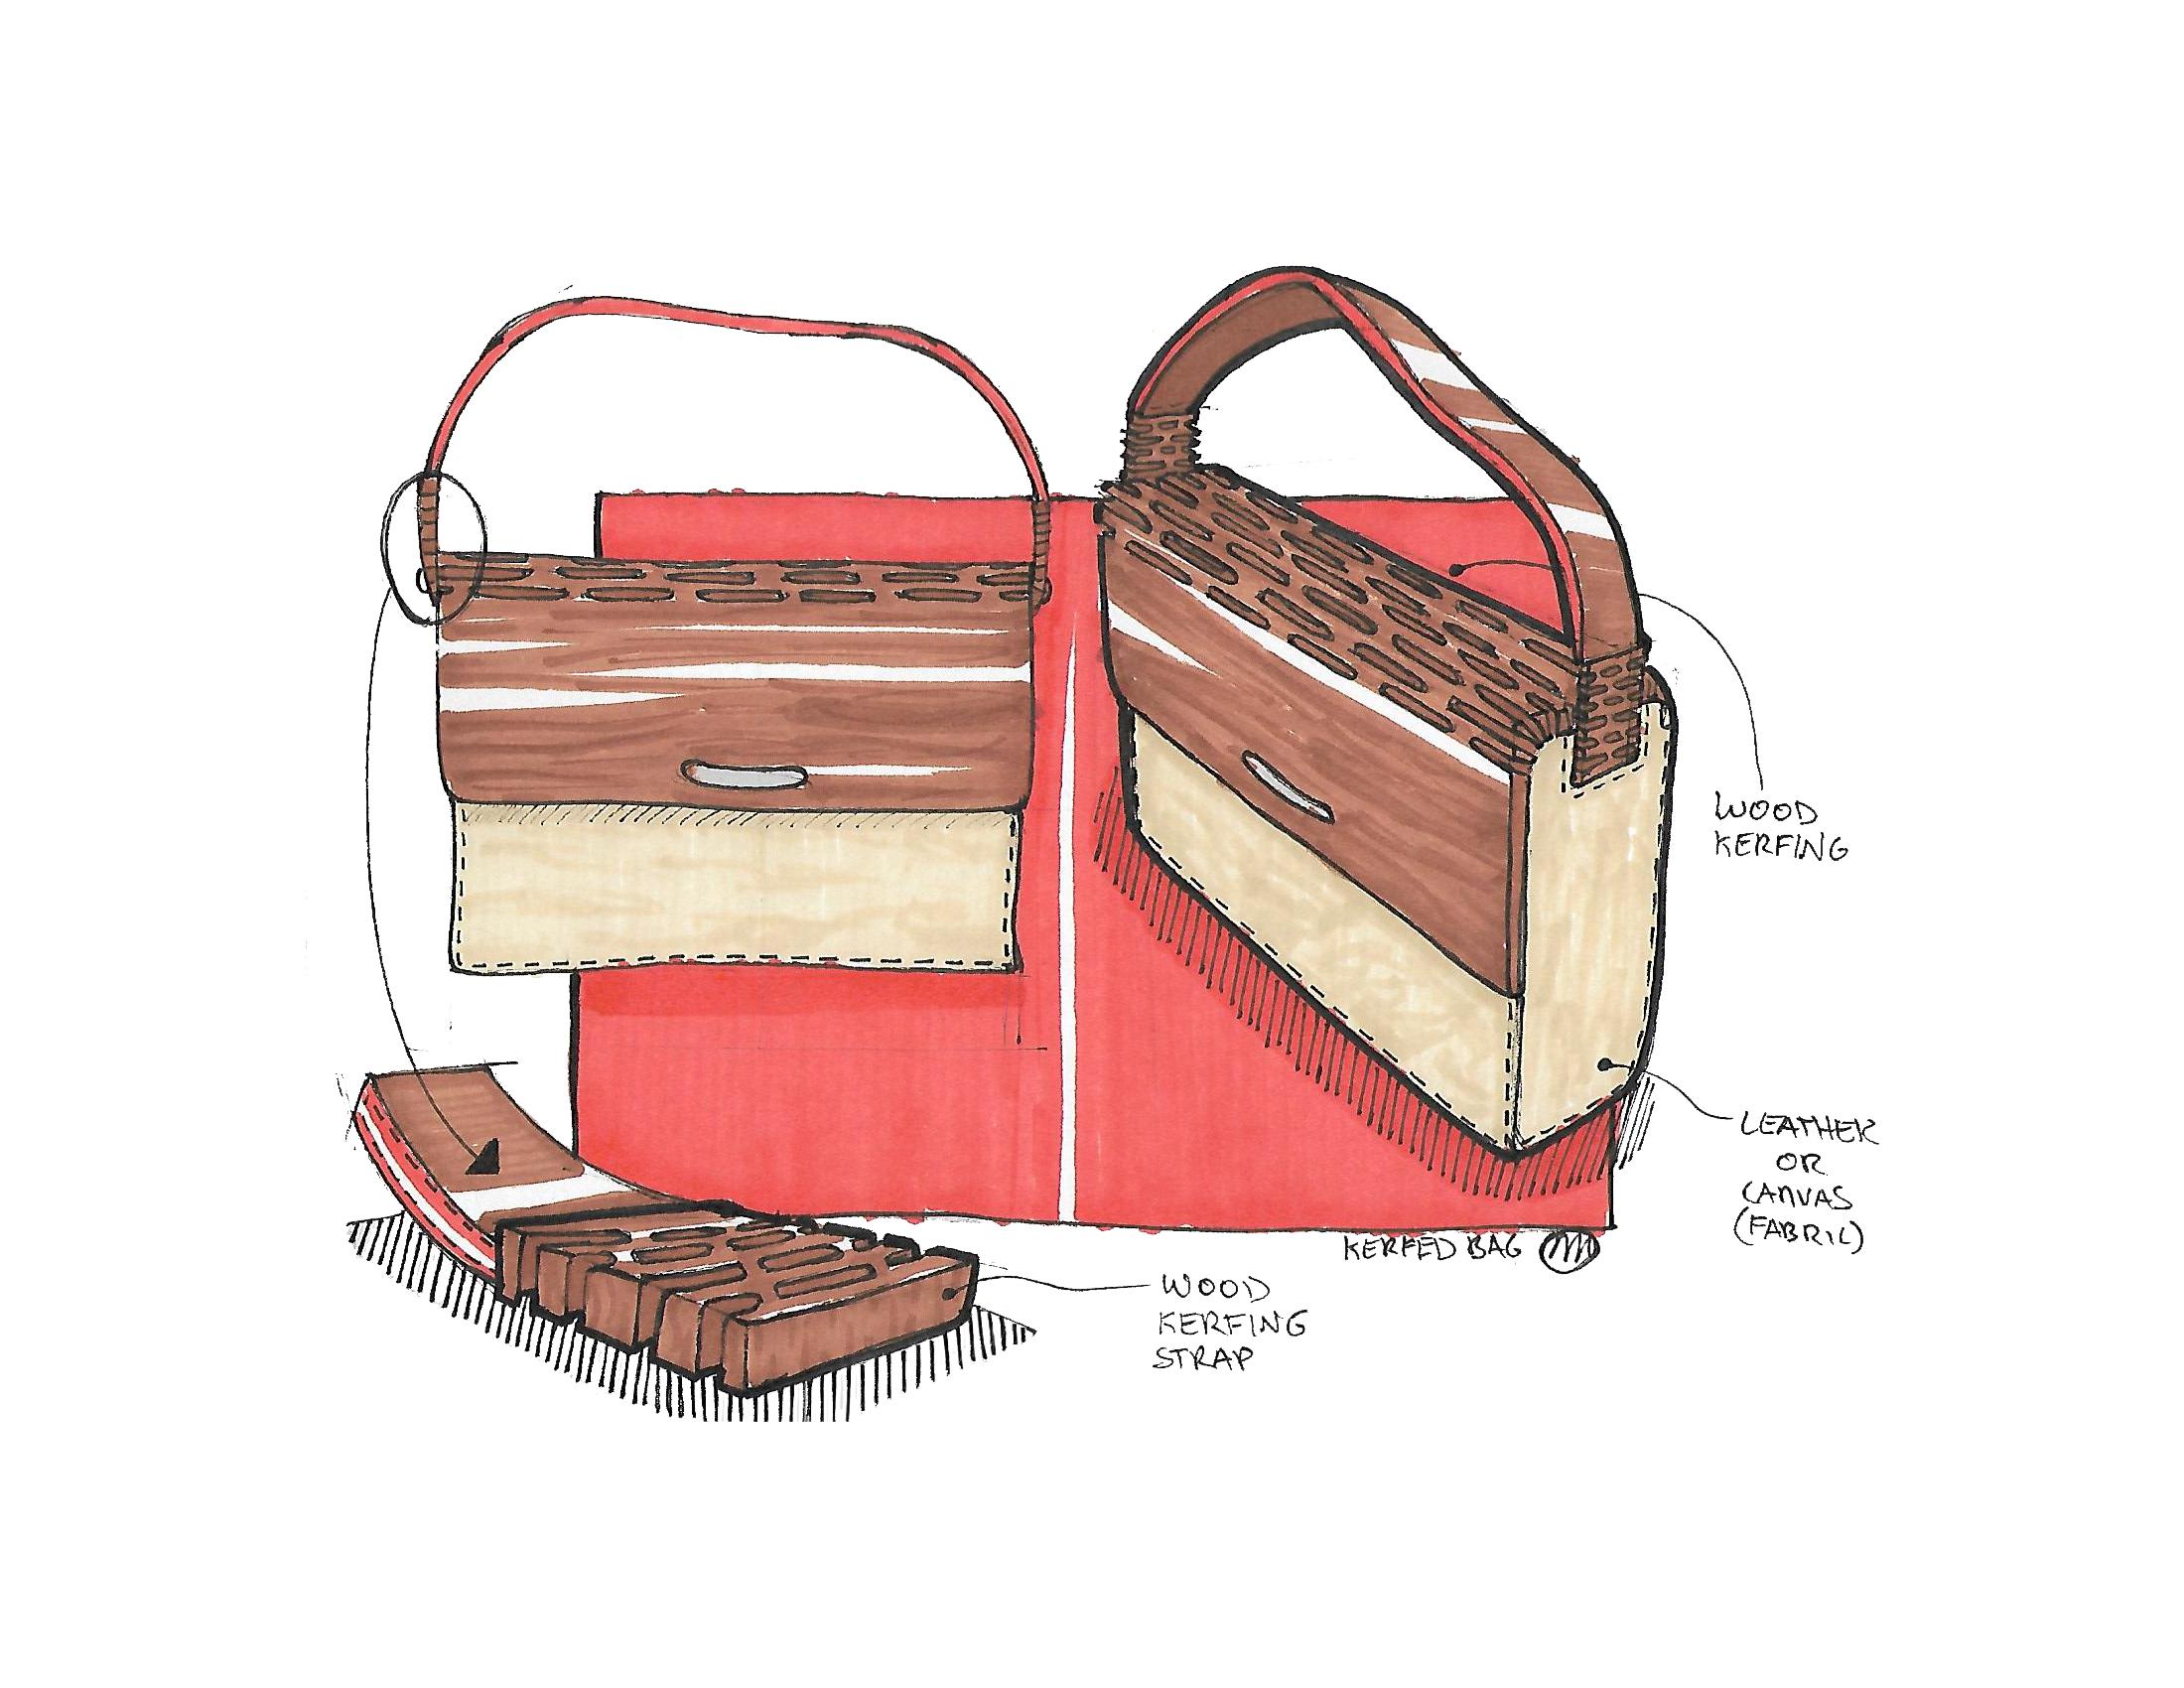 Kerfed Messenger Bag Concept